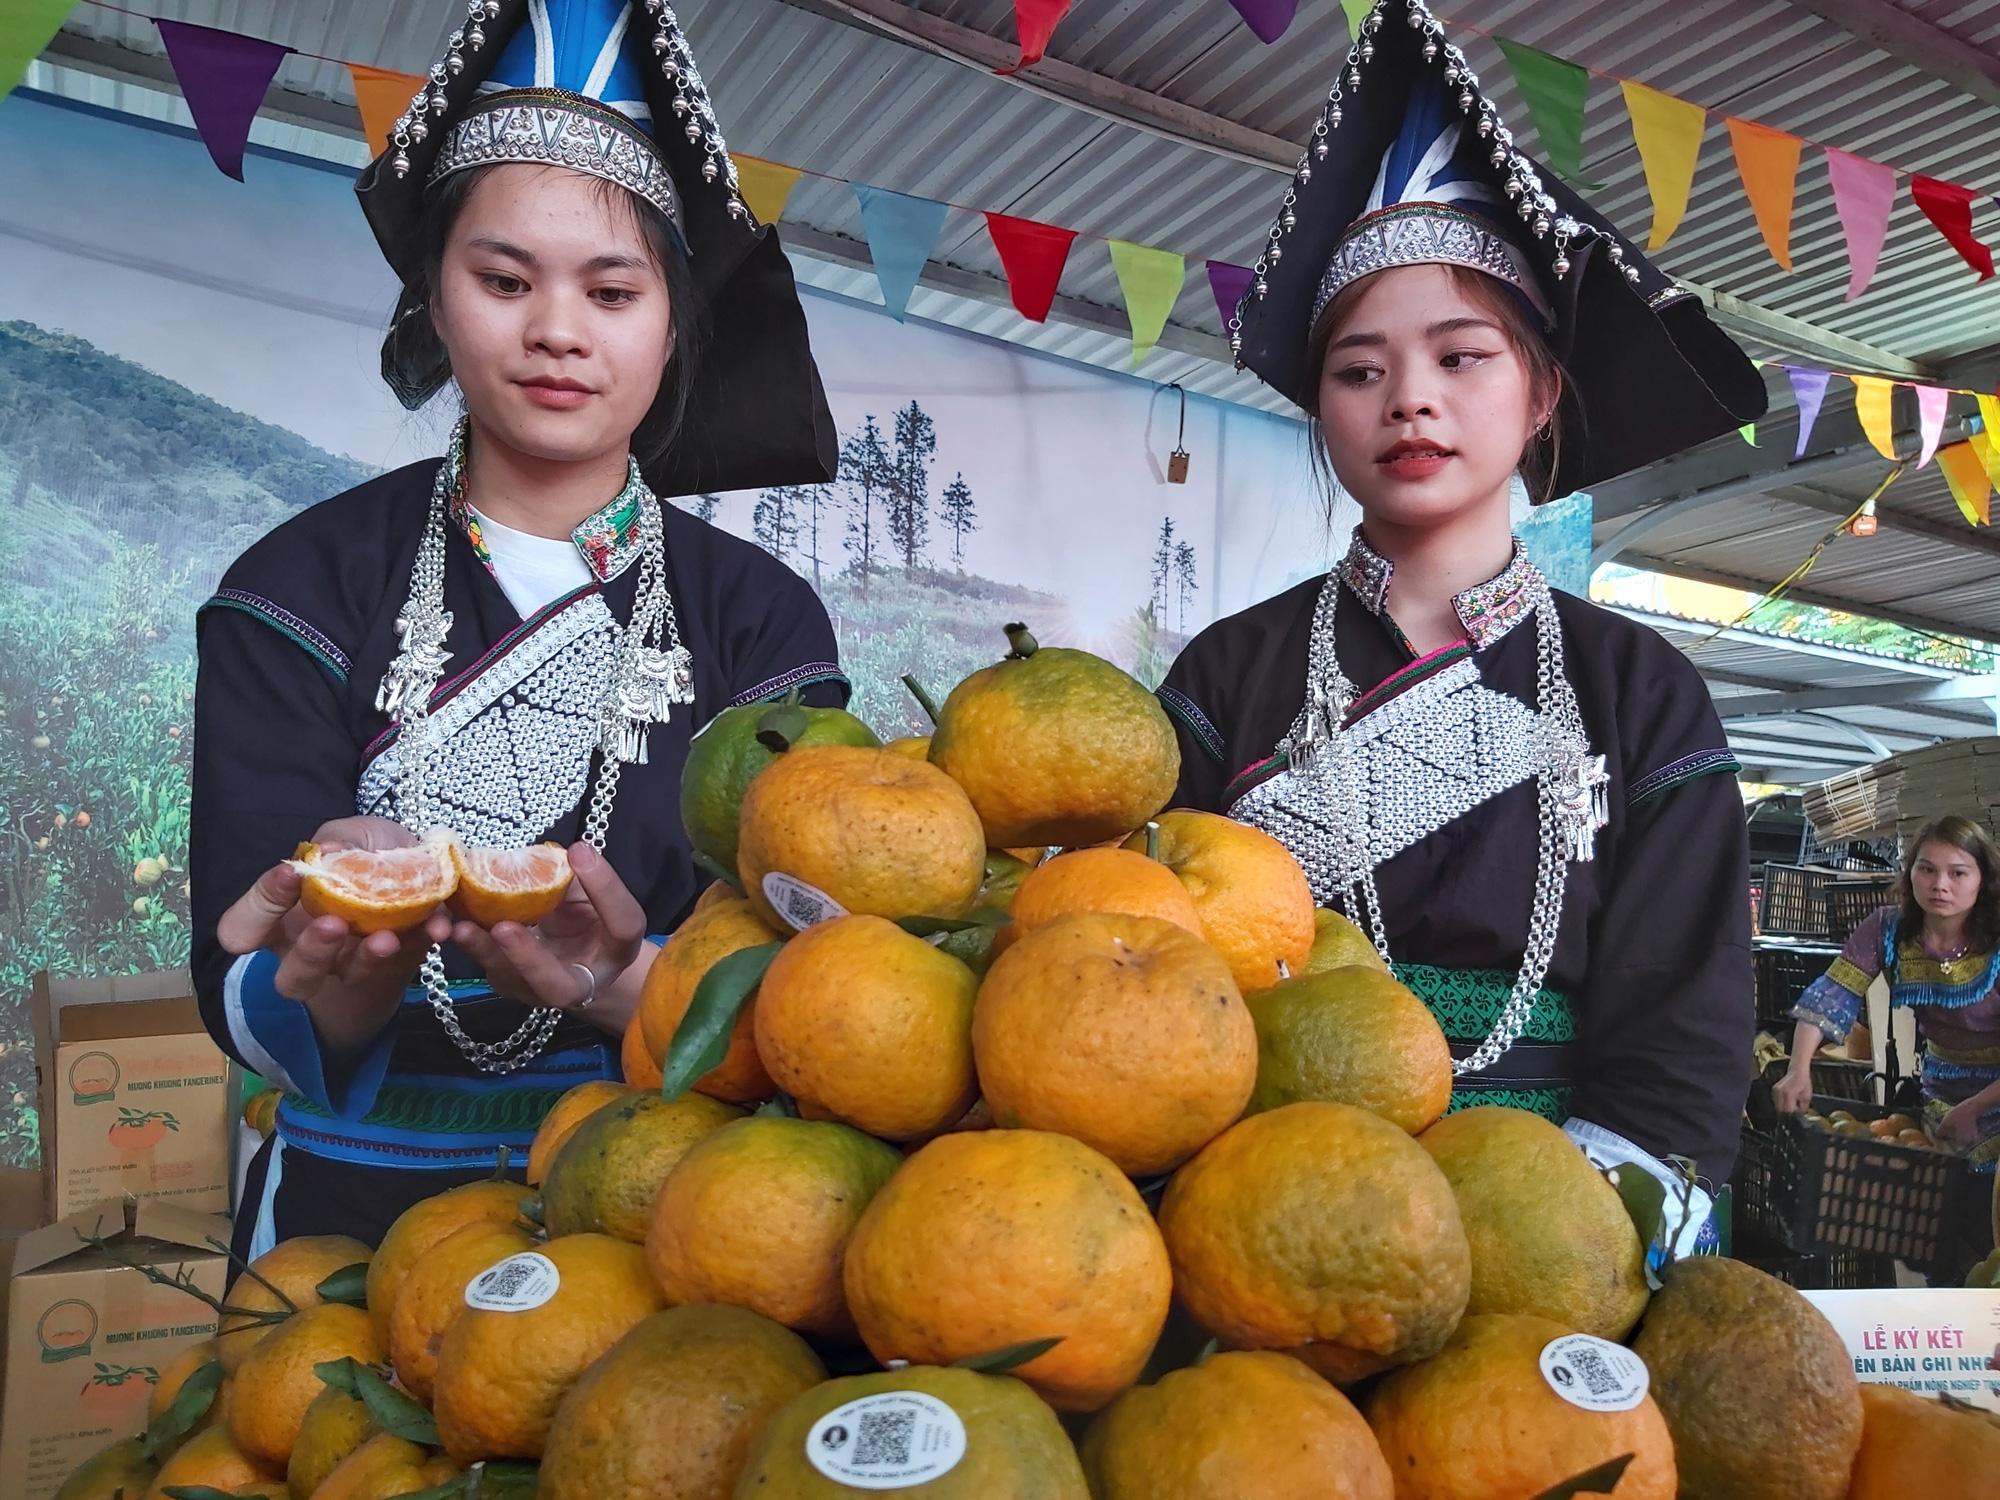 """Quýt ngọt, gạo Séng Cù, bưởi Múc...của huyện Mường Khương """"đổ bộ"""" xuống Thủ đô, người dân mê mẩn mua về ăn thử - Ảnh 12."""